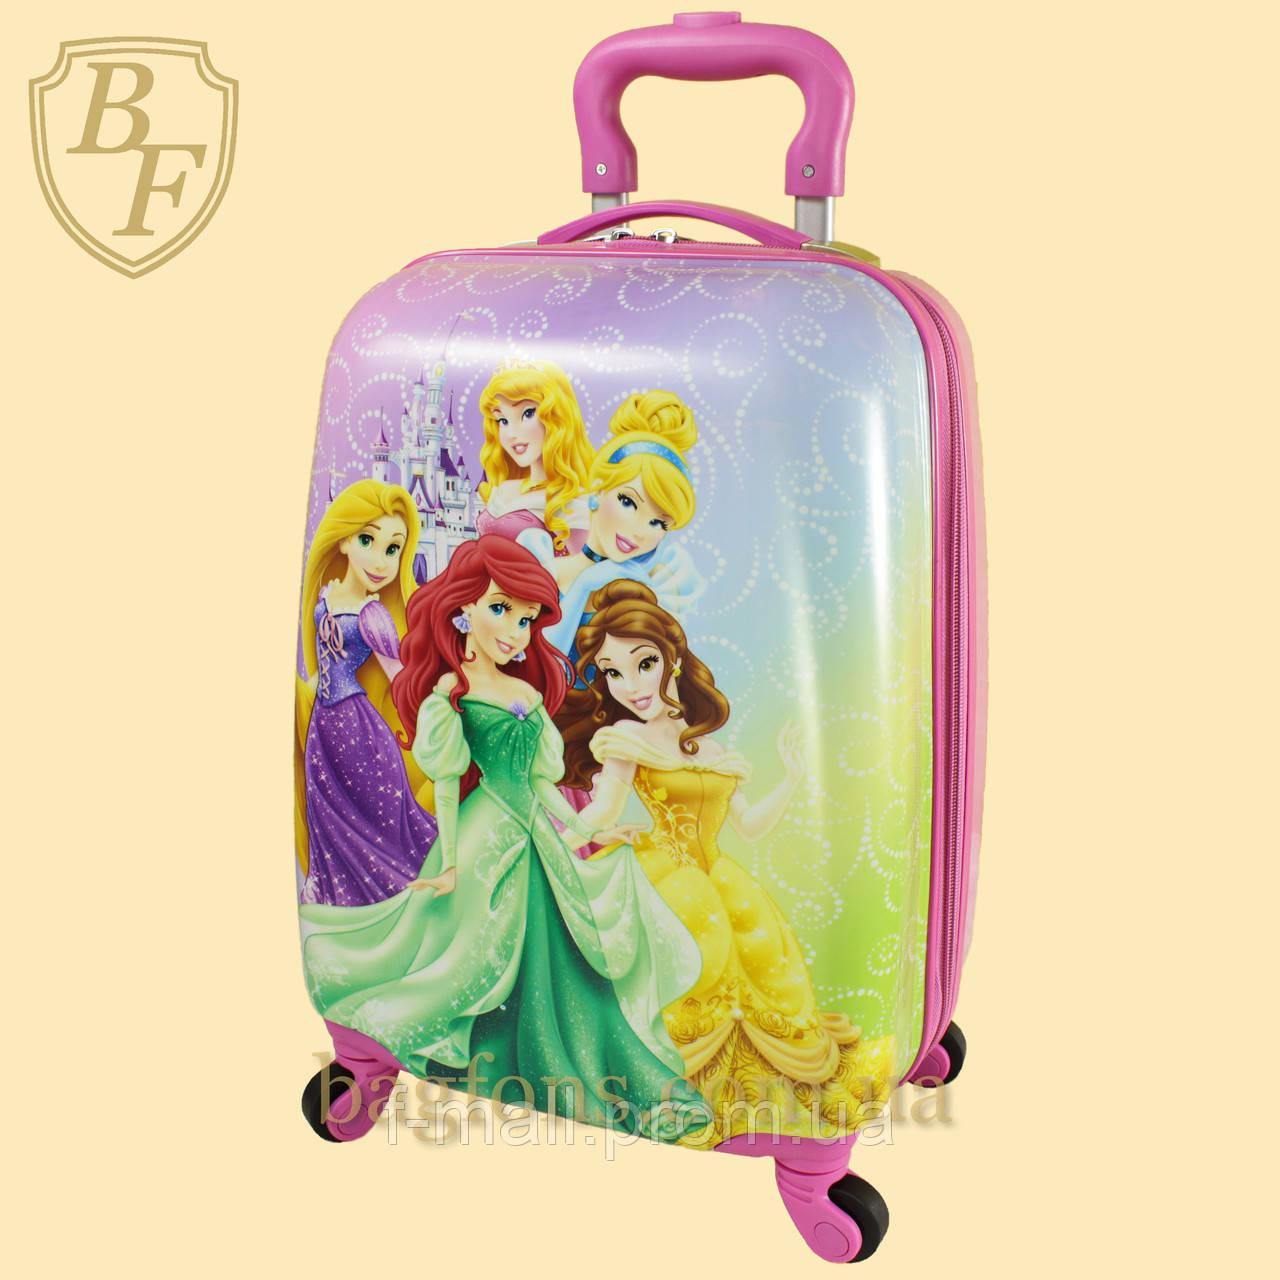 f8bd4aaff9f7 Детский чемодан Принцессы Disney (Princesses ) от интернет-магазина ...